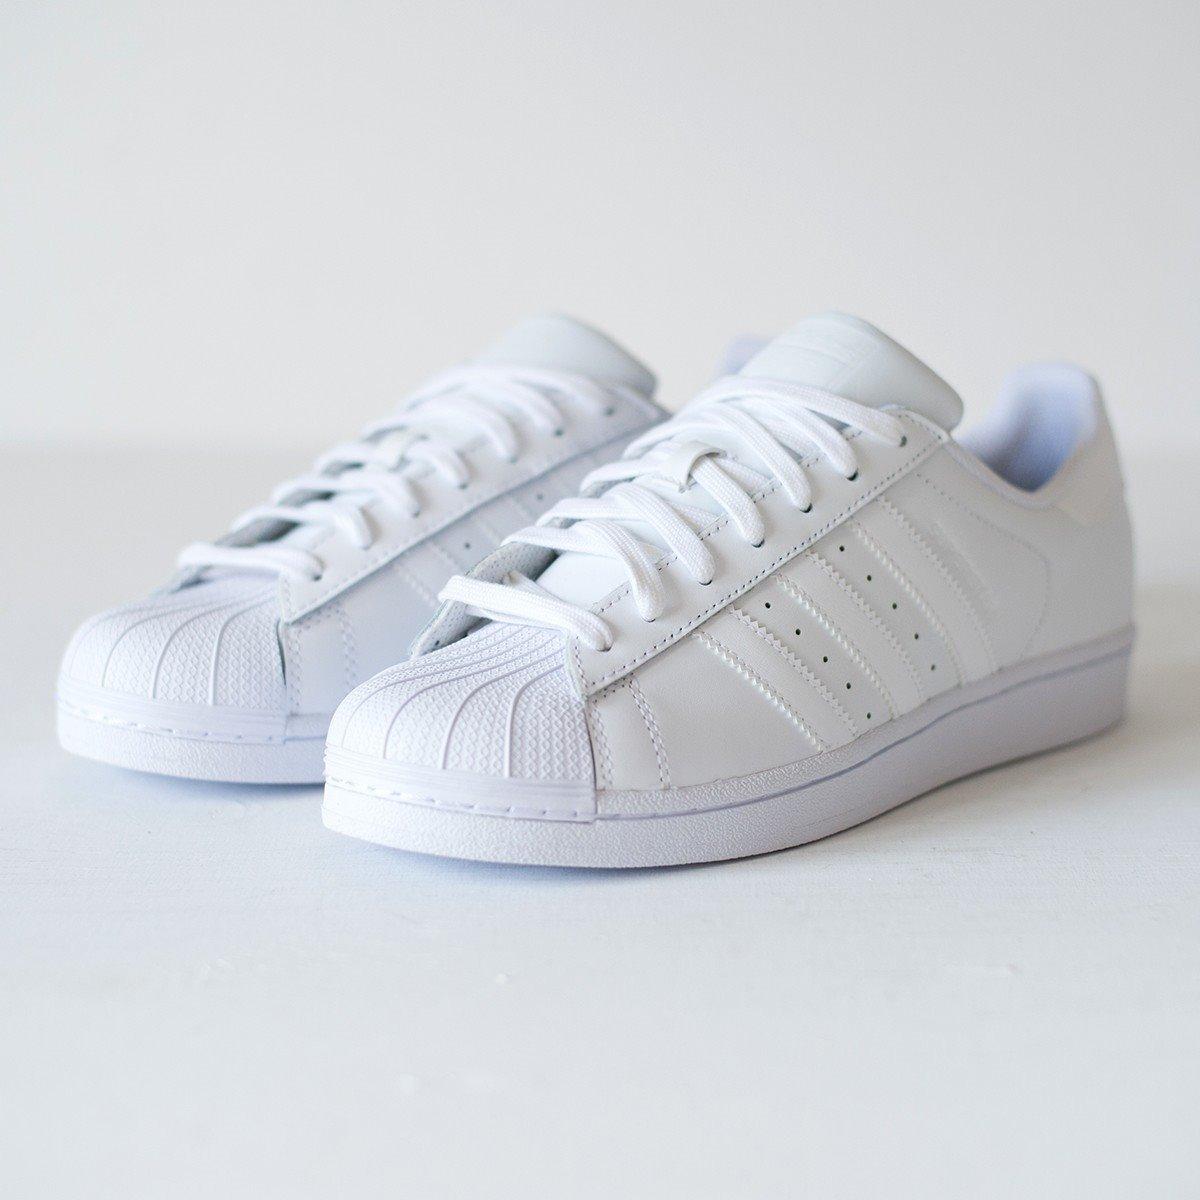 1e09810d381 ... order tenis adidas superstar blanco hombre 100 original b27136. cargando  zoom. 769fe 0227a